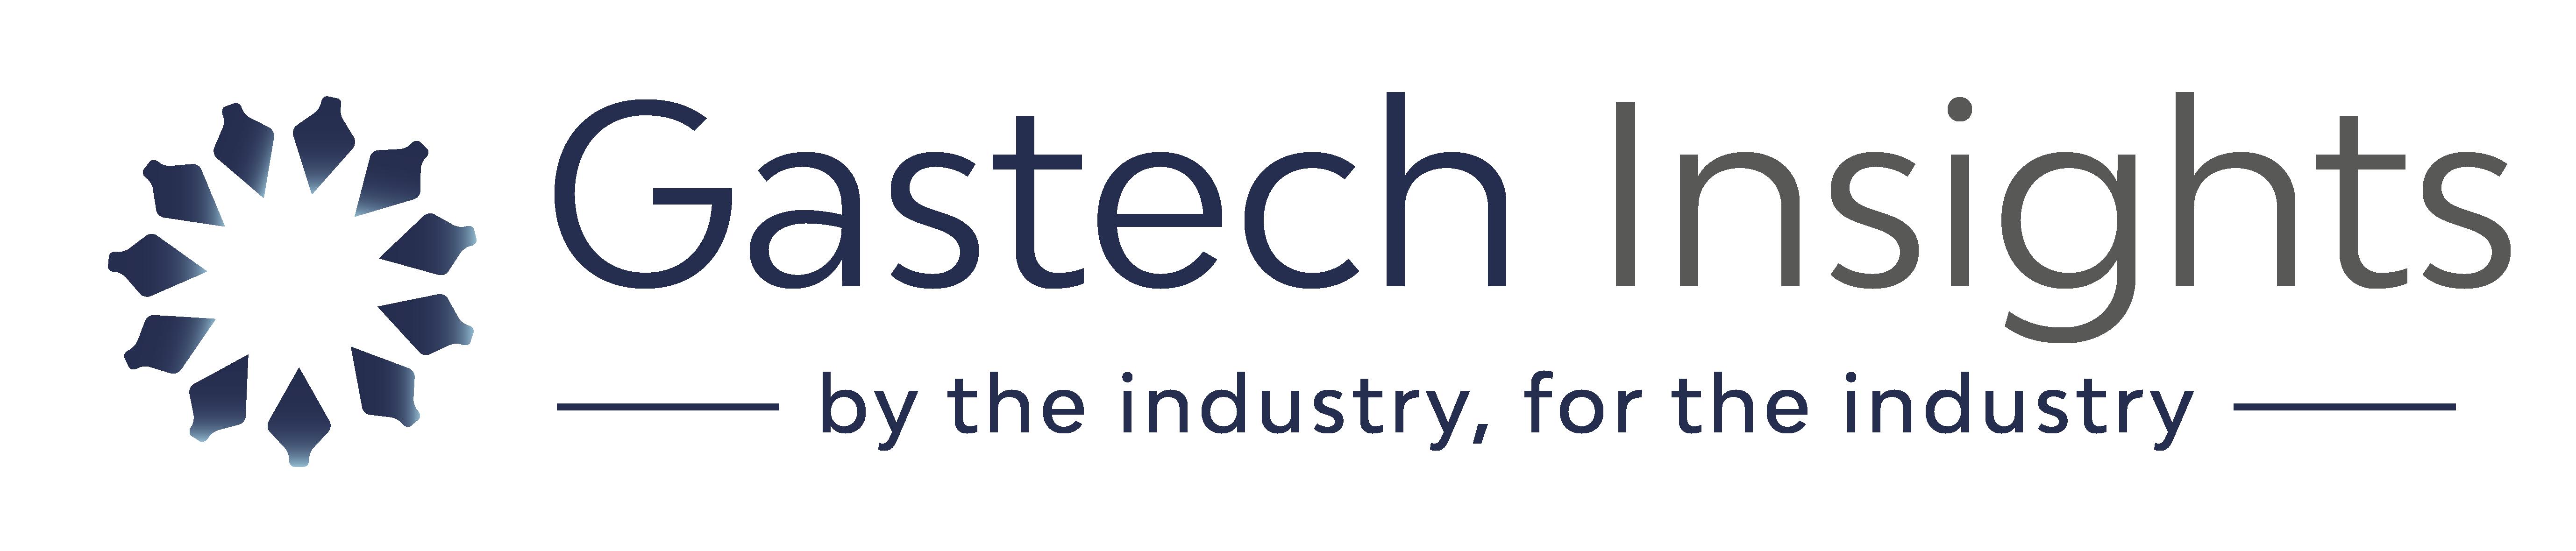 DMG119. Gastech Insights 2018-01.png